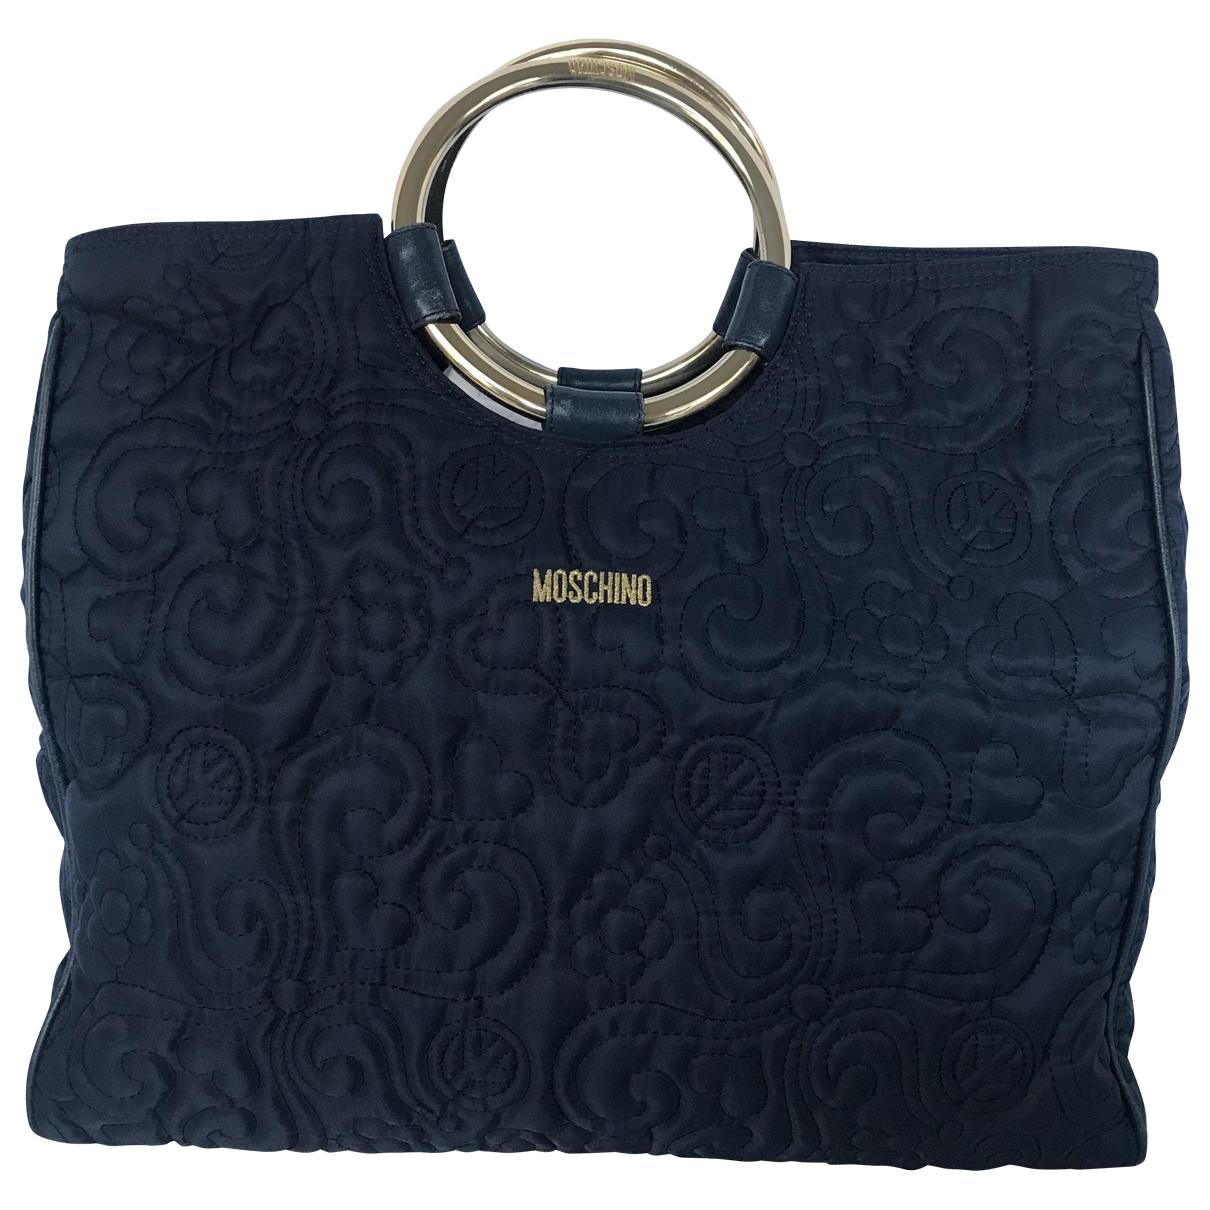 Moschino \N Handtasche in  Blau Leinen